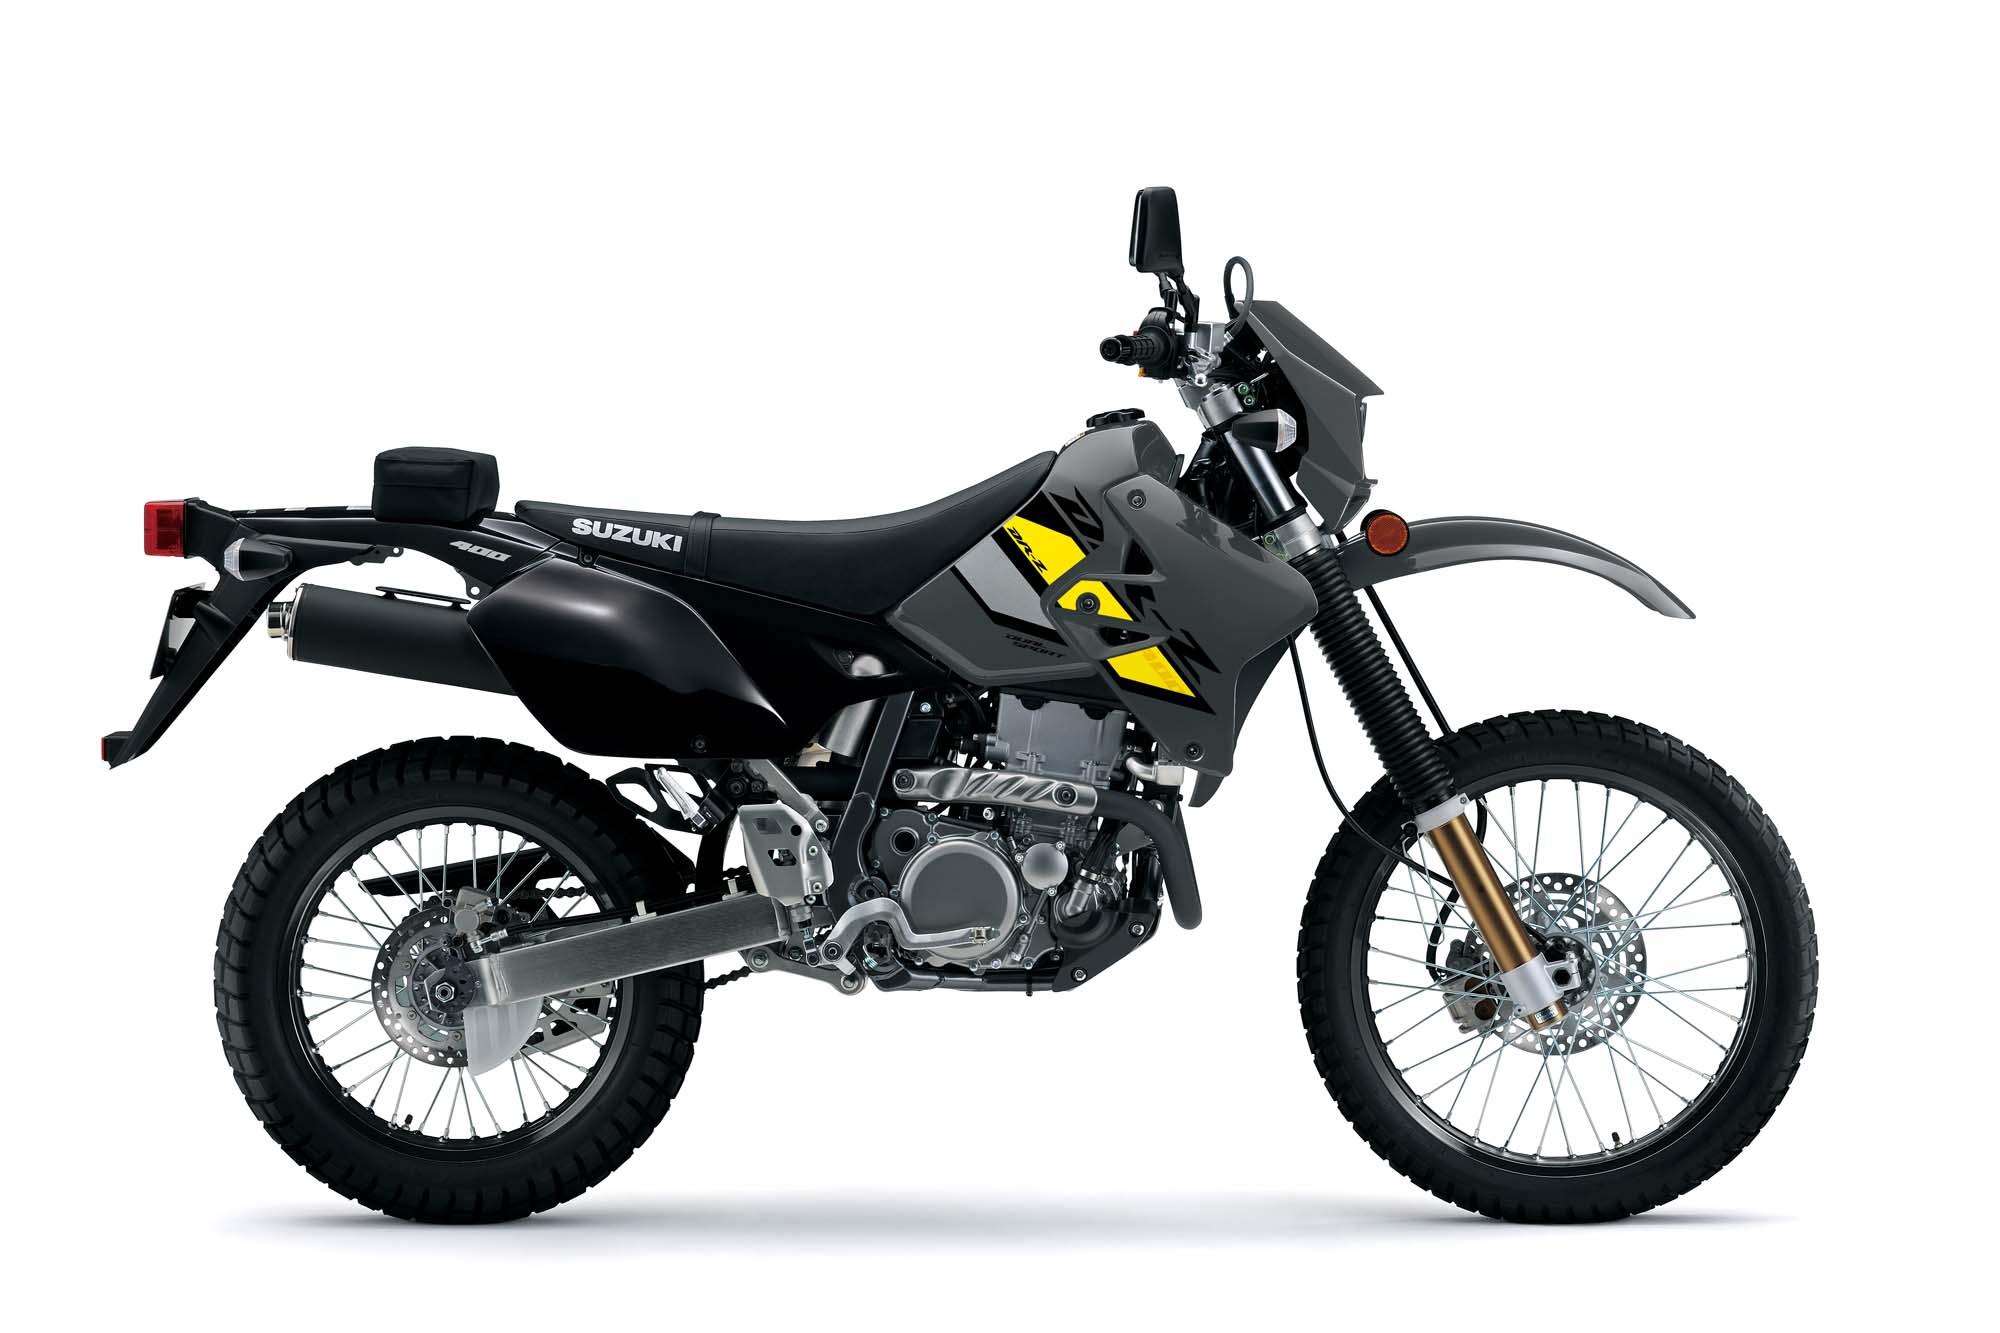 2021 Dr Z400s Suzuki Canada Inc